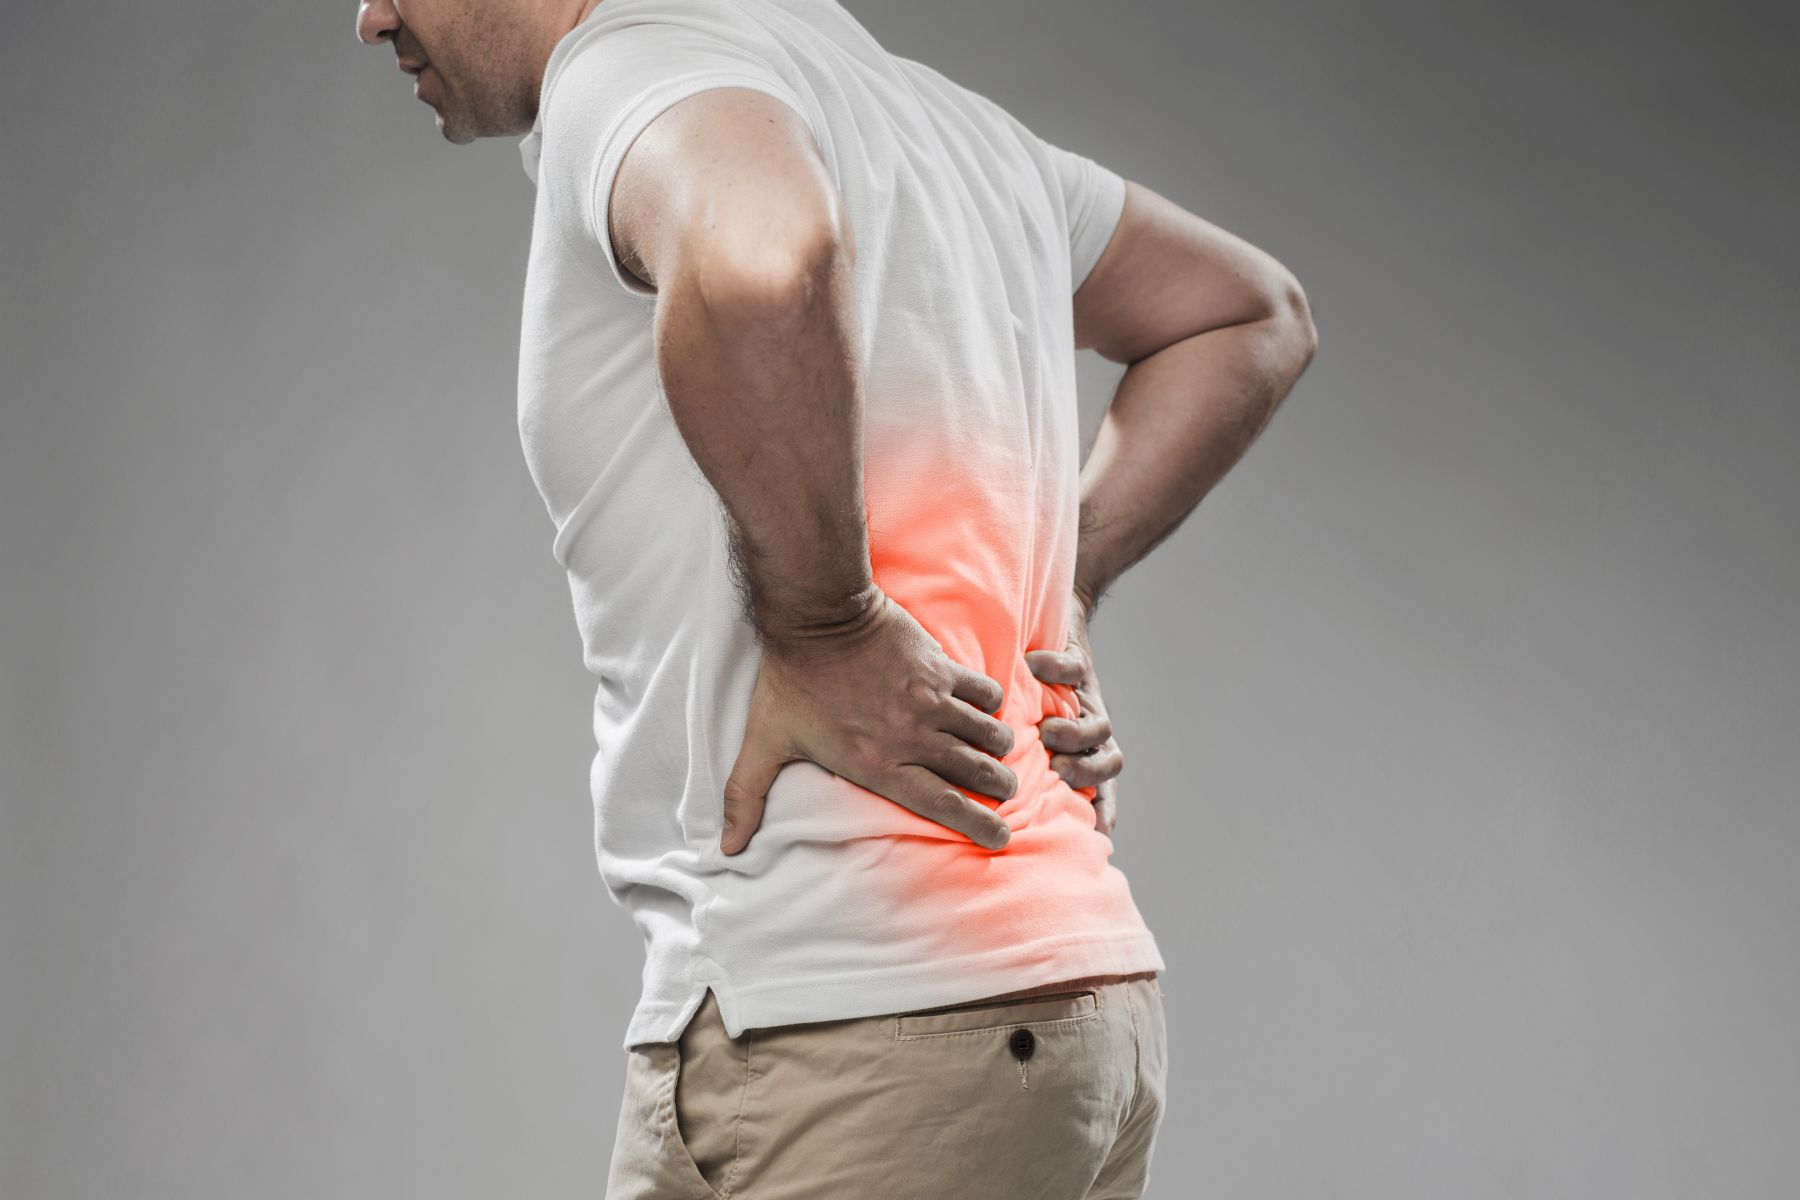 椎間盤突出、脊椎長骨刺  一定要開刀嗎?